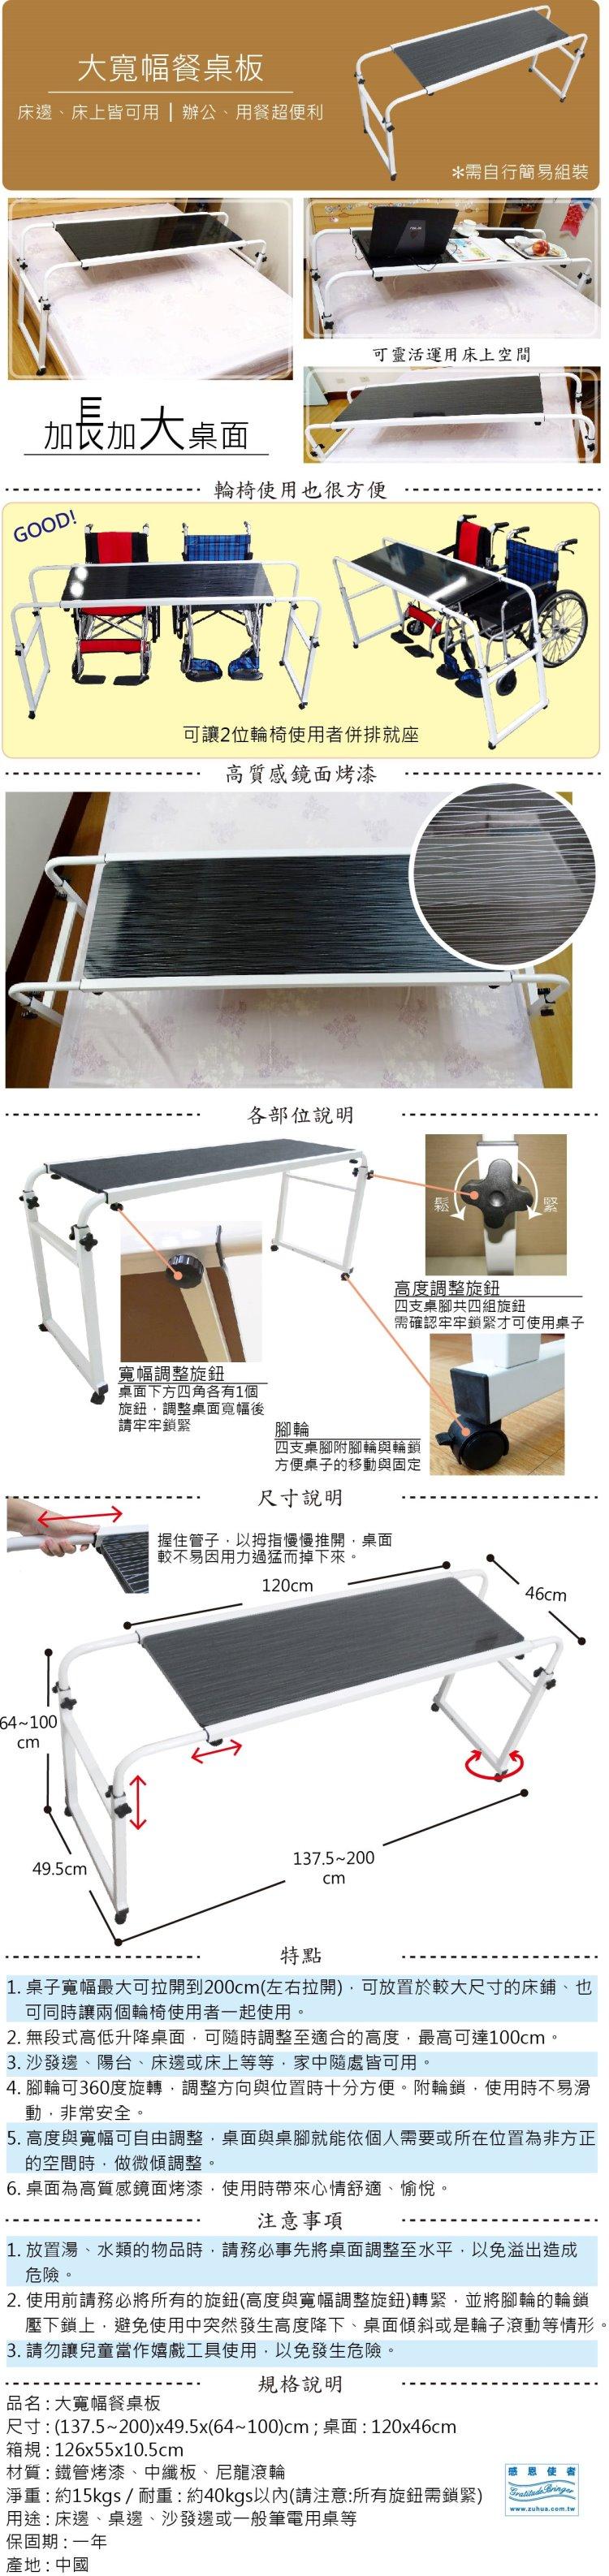 可升降、大幅寬餐桌板:加大餐桌板,辦公桌、輪椅用桌,可在床上使用,附輪好推動,可用輪鎖固定桌子,桌子不滑動